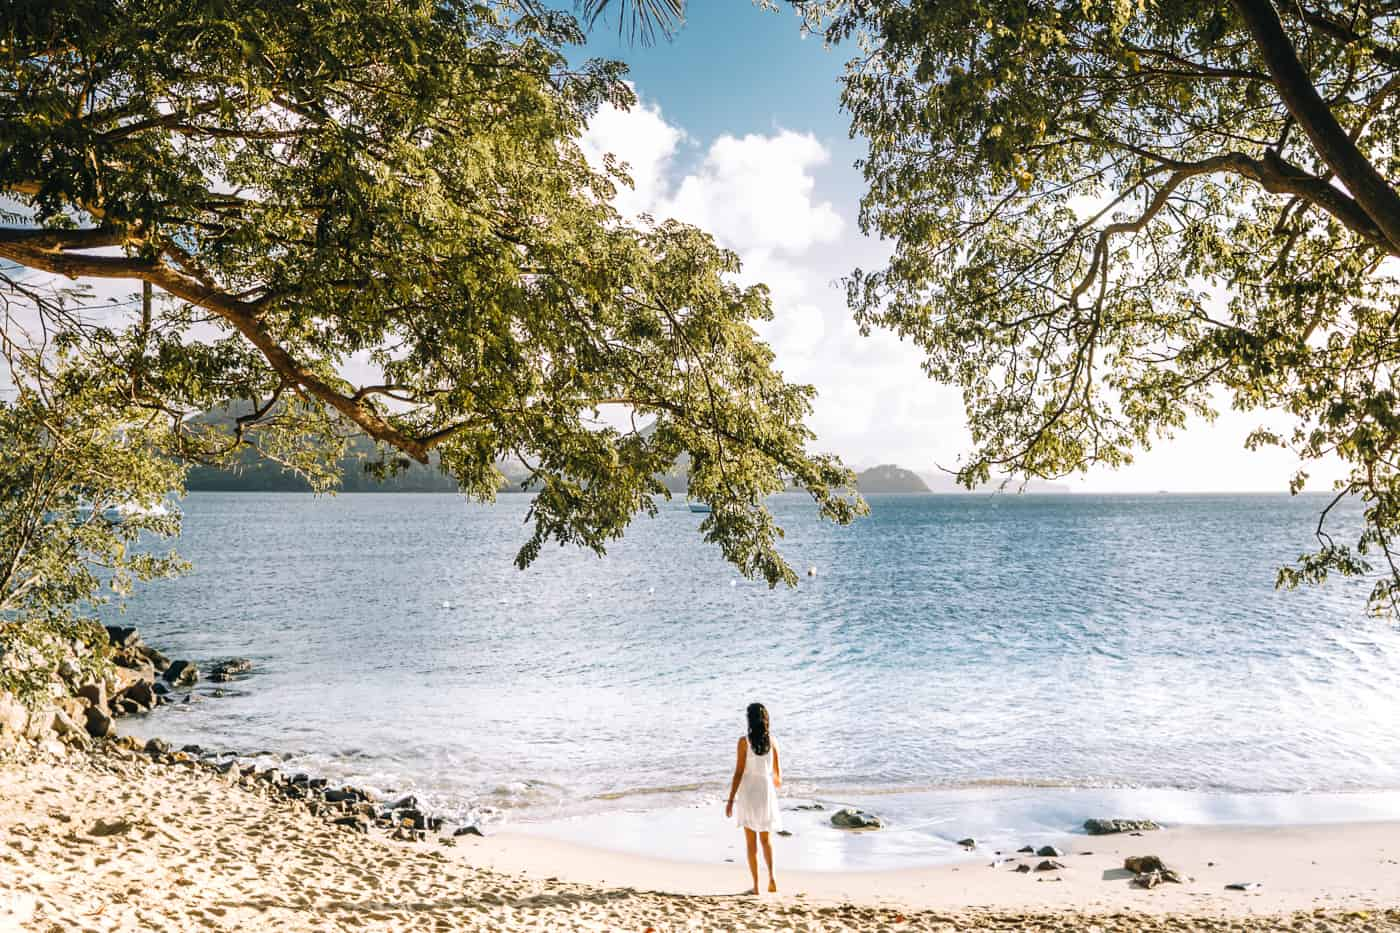 Saint Lucia - Tipps, Sehenswürdigkeiten, Strände & Ausflugsziele auf der Karibik-Insel: Pigeon Island Beach